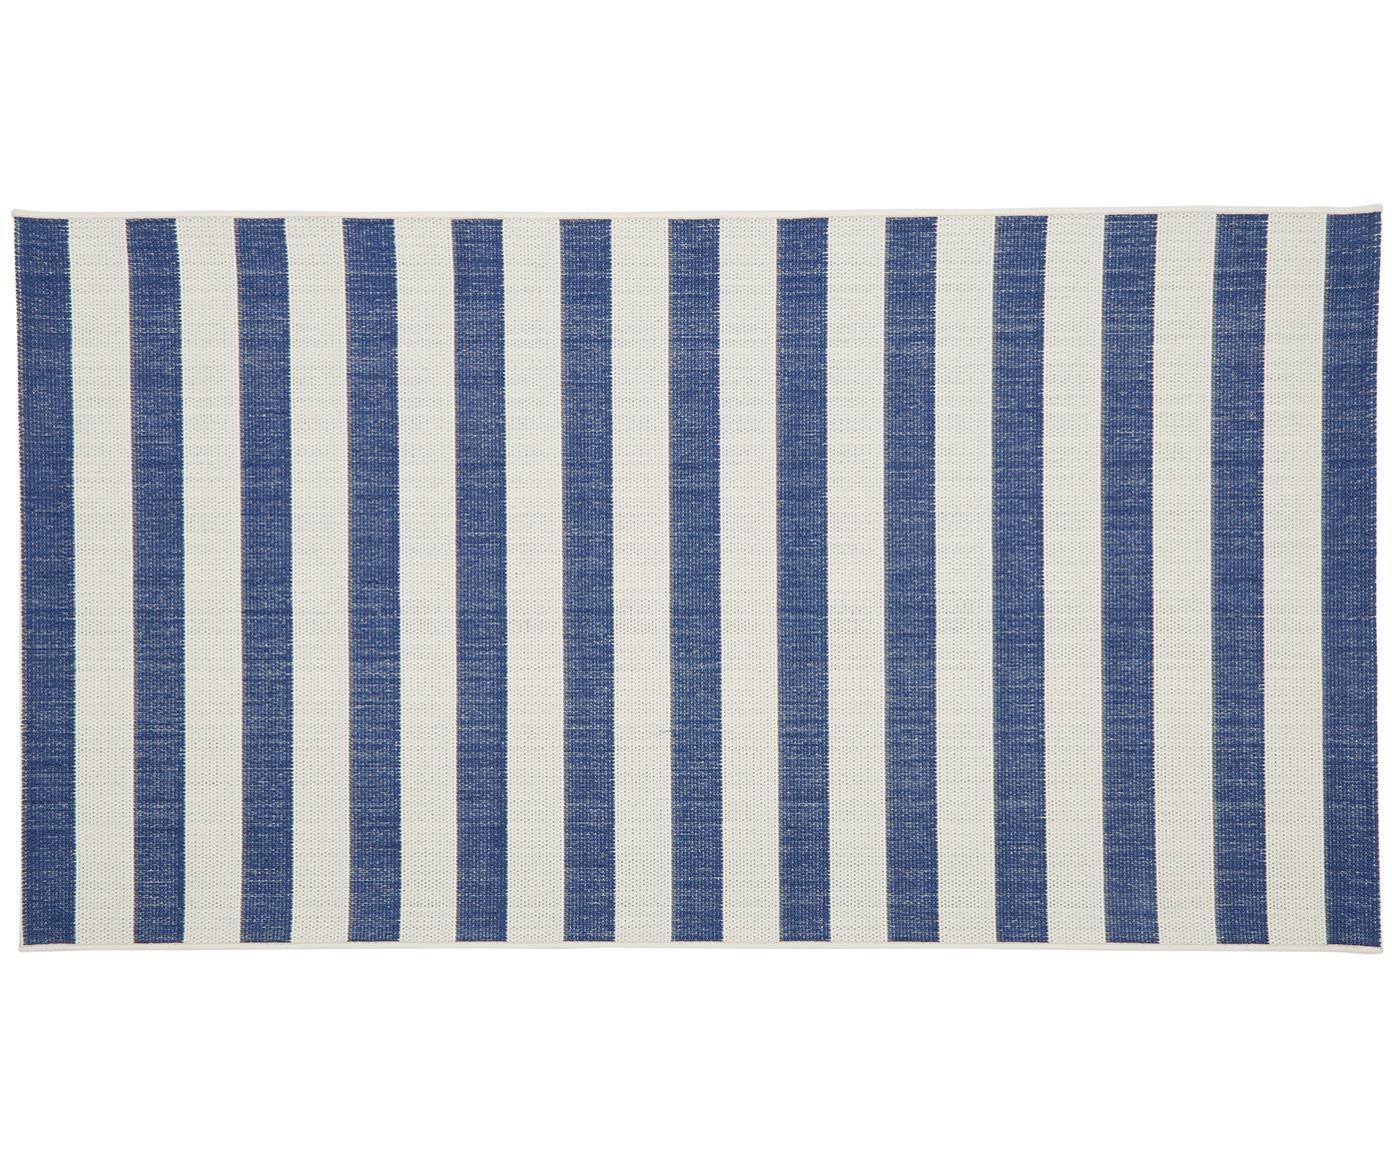 Tappeto da interno-esterno a righe Axa, Retro: poliestere, Bianco crema, blu, Larg. 80 x Lung. 150 cm (taglia XS)